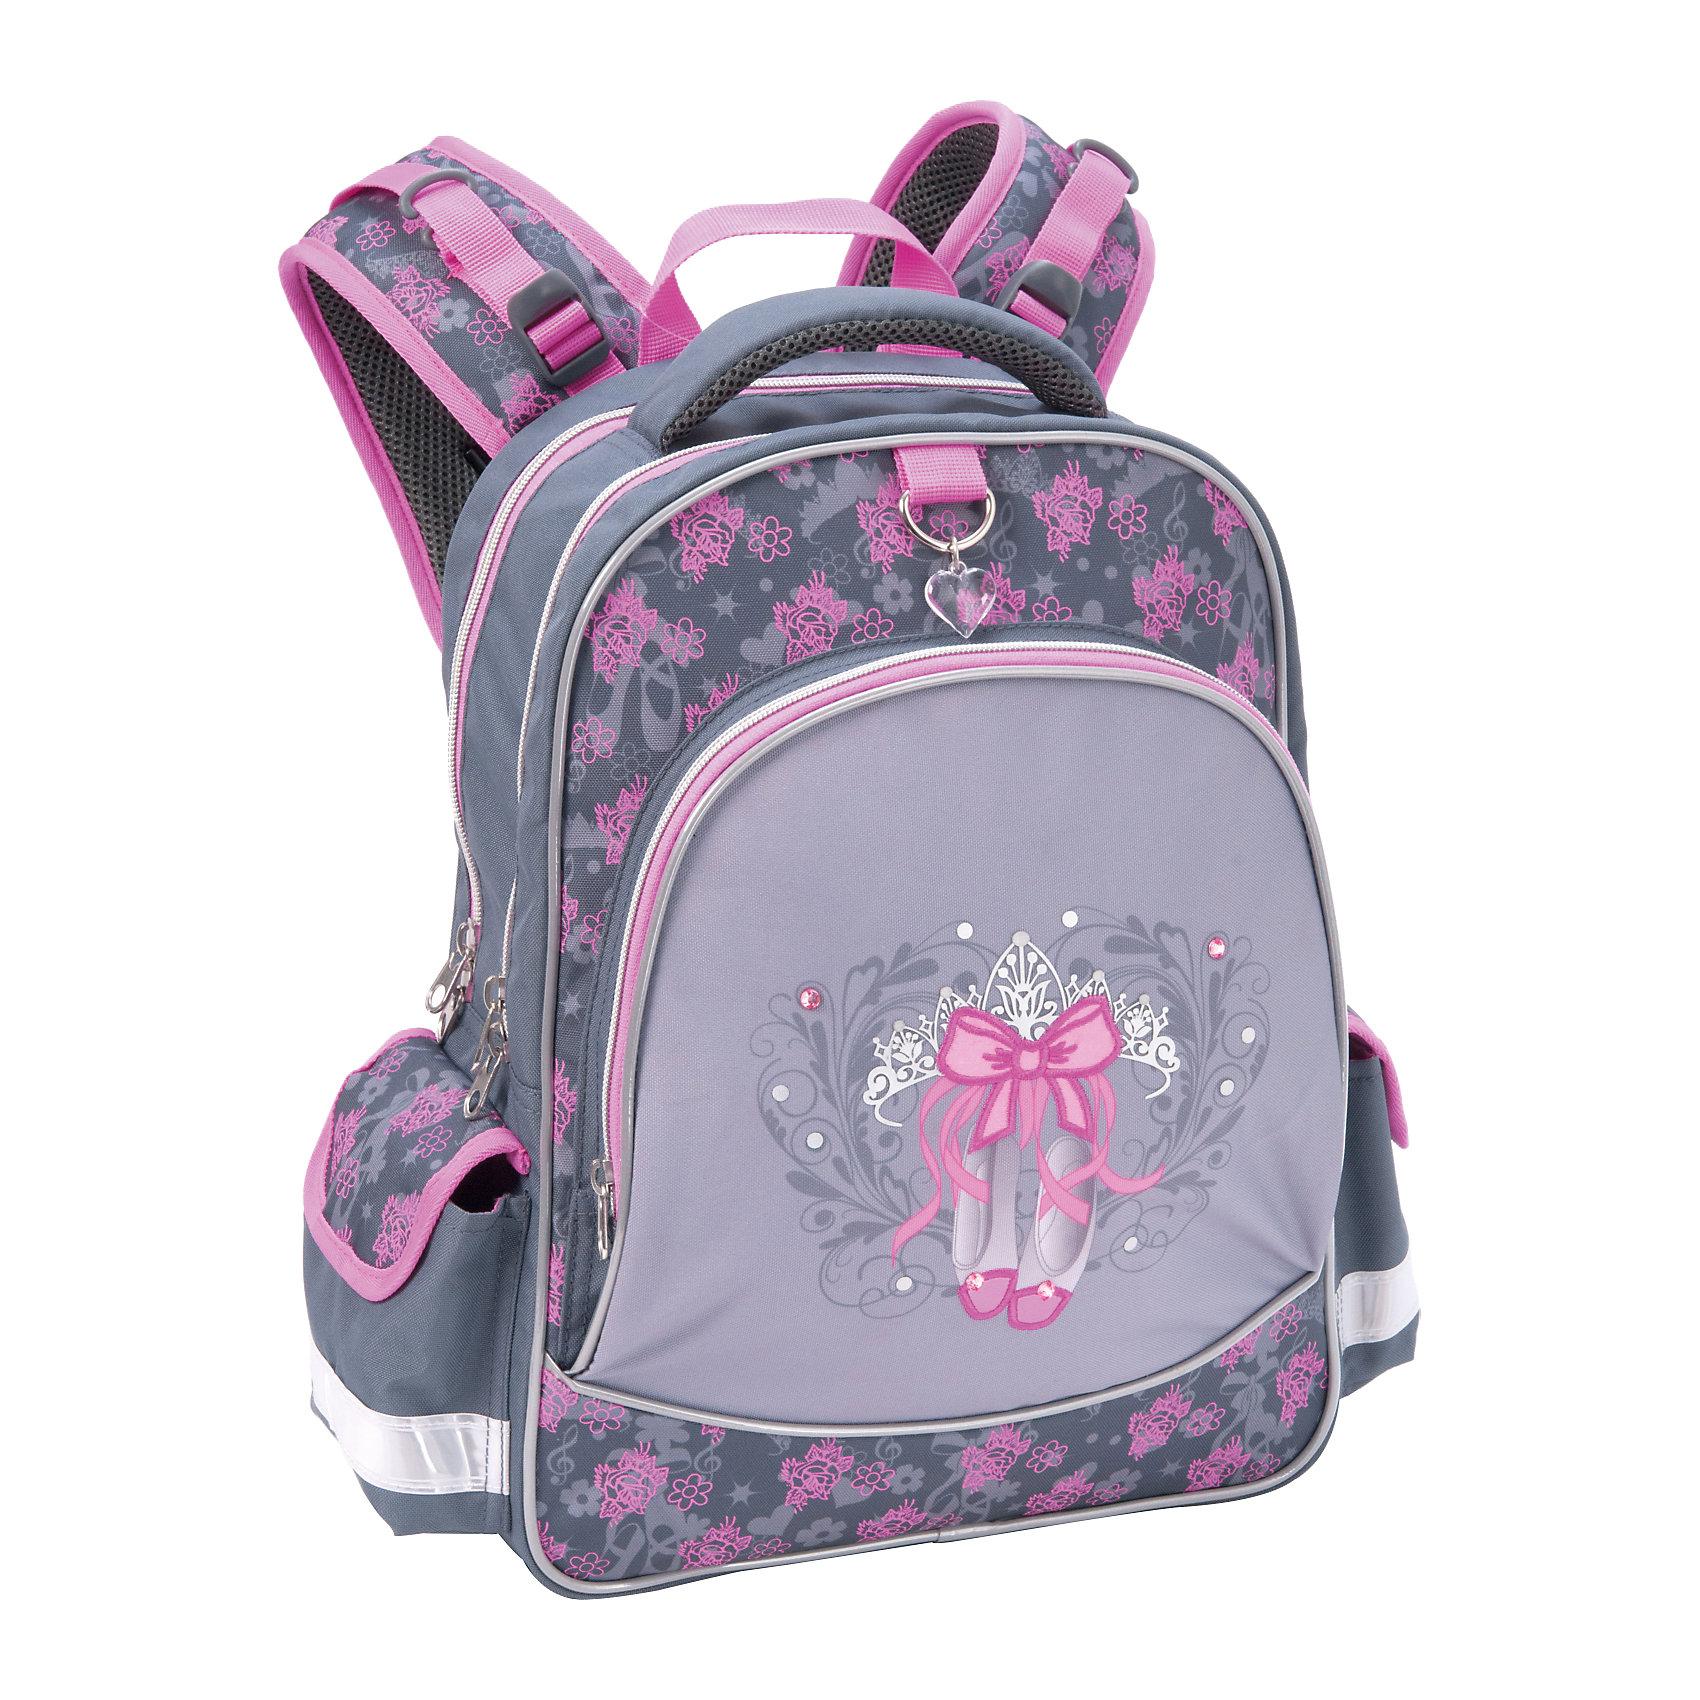 Школьный рюкзак БалетШкольный рюкзак Балет – этот легкий вместительный рюкзак будет надежным спутником для вашей школьницы.<br>Очаровательный рюкзак Балет выполнен в очень нежной серо-розовой цветовой гамме. Внешняя поверхность изделия украшена чудесным принтом, изображающим пуанты, тиару и красивый бант. Коллаж украшен небольшими стразами, предающими изделию изящества и очарования. В верхней части размещена красивая подвеска в виде прозрачного сердечка. У рюкзака эргономичная конструкция спинки из подушечек с вентиляционными каналами, которая не только не дает ребенку сутулиться, но и обеспечивает идеальную вентиляцию для спины. Уплотненные S-образные лямки из вентилируемого сетчатого материала с системой регулирования для изменения положения рюкзака одним движением позволят снизить нагрузку на плечи. Рюкзак имеет 2 отделения, фронтальный карман на молнии, дополнительные боковые карманы, закрывающиеся клапанами на липучках. Во фронтальном кармане предусмотрен органайзер. Дно укреплено пластиковыми ножками и внутренней откидывающейся жесткой вставкой. Имеется мягкая ручка и петля для подвешивания. Светоотражающие элементы обеспечивают безопасность в темноте.<br><br>Дополнительная информация:<br><br>- Размер: 38 х 28 х 14 см.<br>- Вес: 450 гр.<br>- Материал: полиэстер<br><br>Школьный рюкзак Балет можно купить в нашем интернет-магазине.<br><br>Ширина мм: 280<br>Глубина мм: 140<br>Высота мм: 380<br>Вес г: 890<br>Возраст от месяцев: 84<br>Возраст до месяцев: 108<br>Пол: Женский<br>Возраст: Детский<br>SKU: 4744493